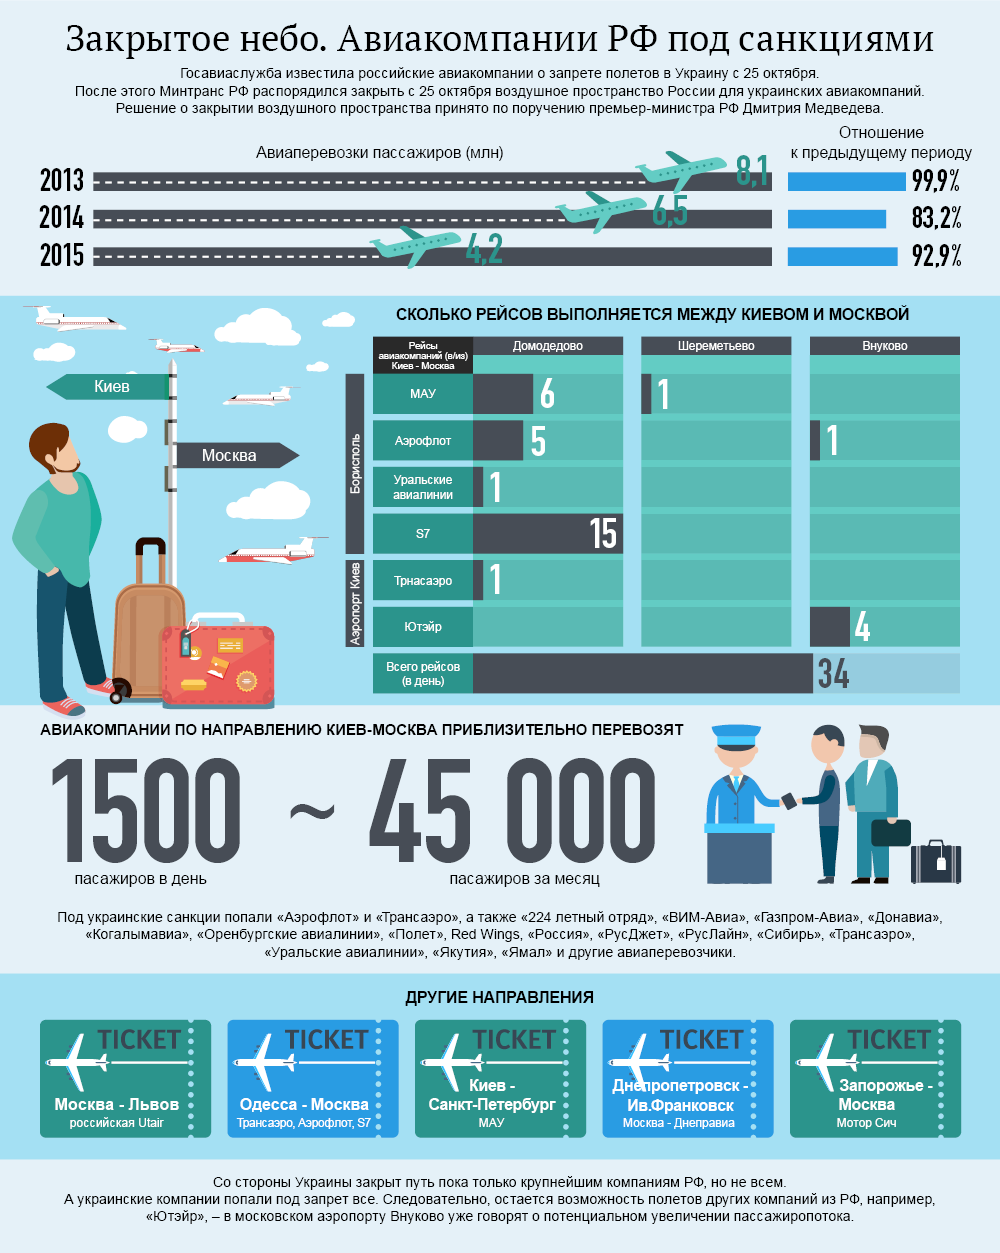 Закрытое небо. Авиакомпании РФ под санкциями. Инфографика.